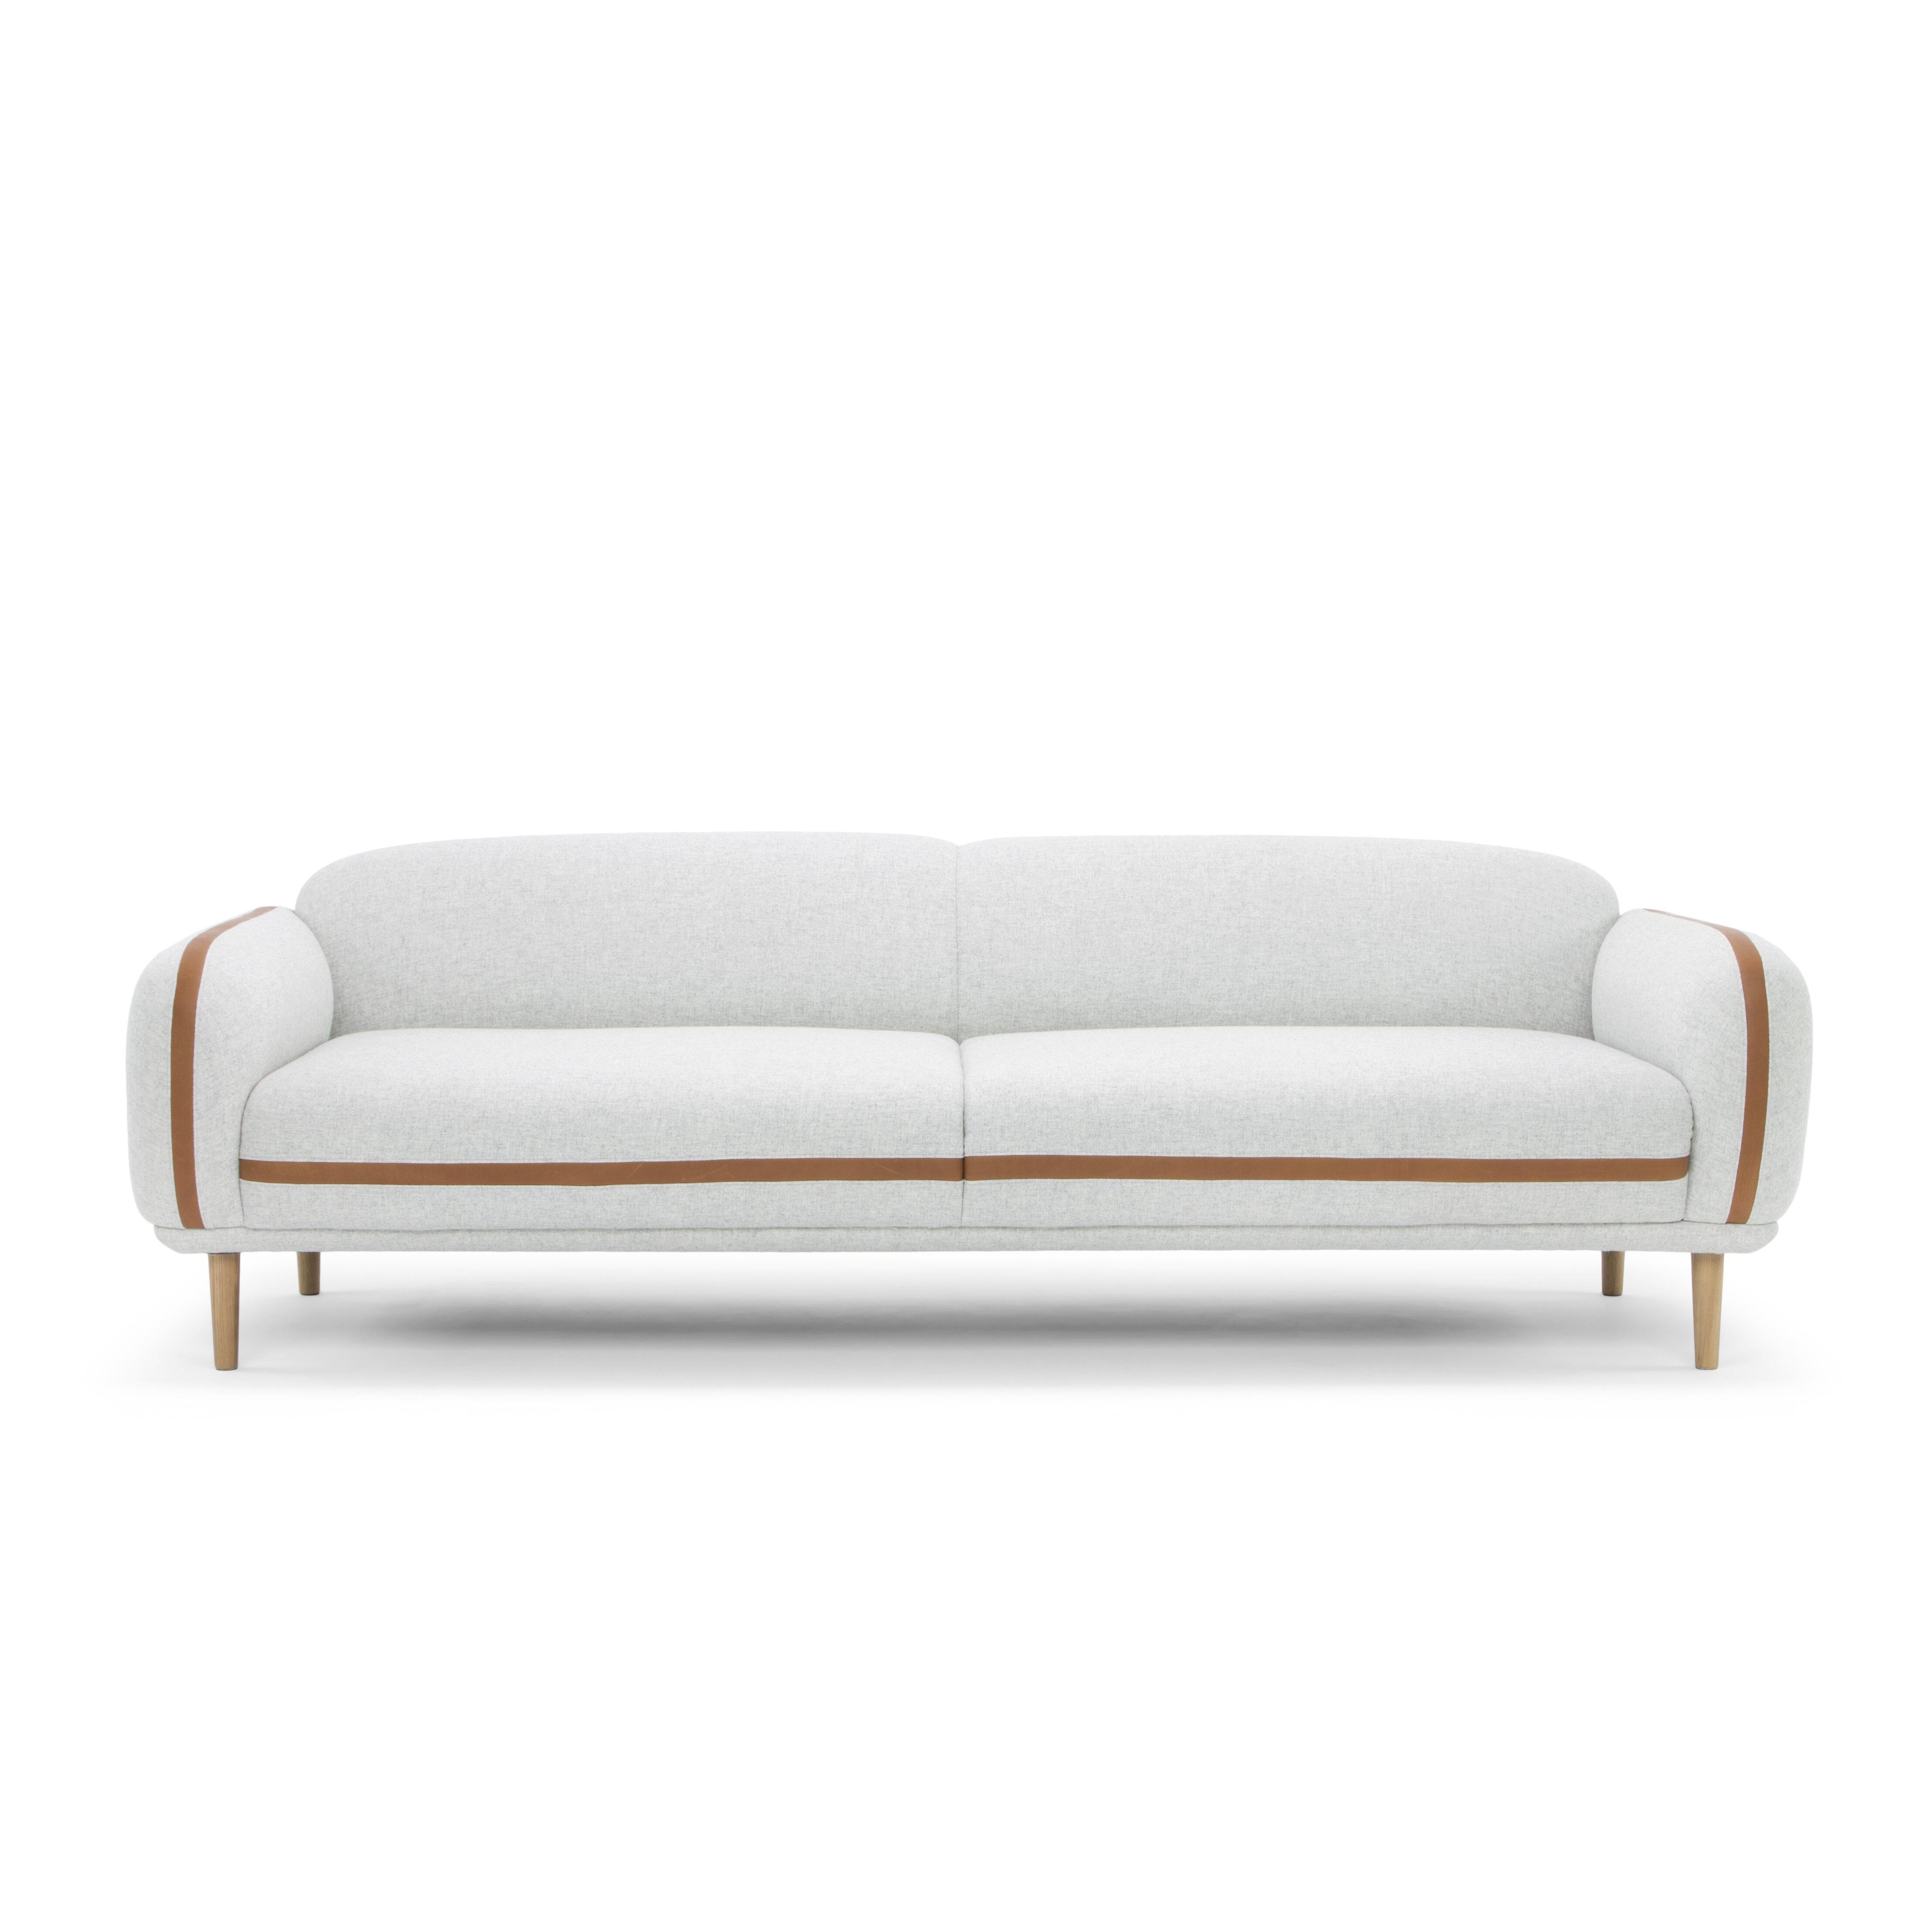 Nordic upholstery bjorn sofa reviews wayfair for Sofa nordic